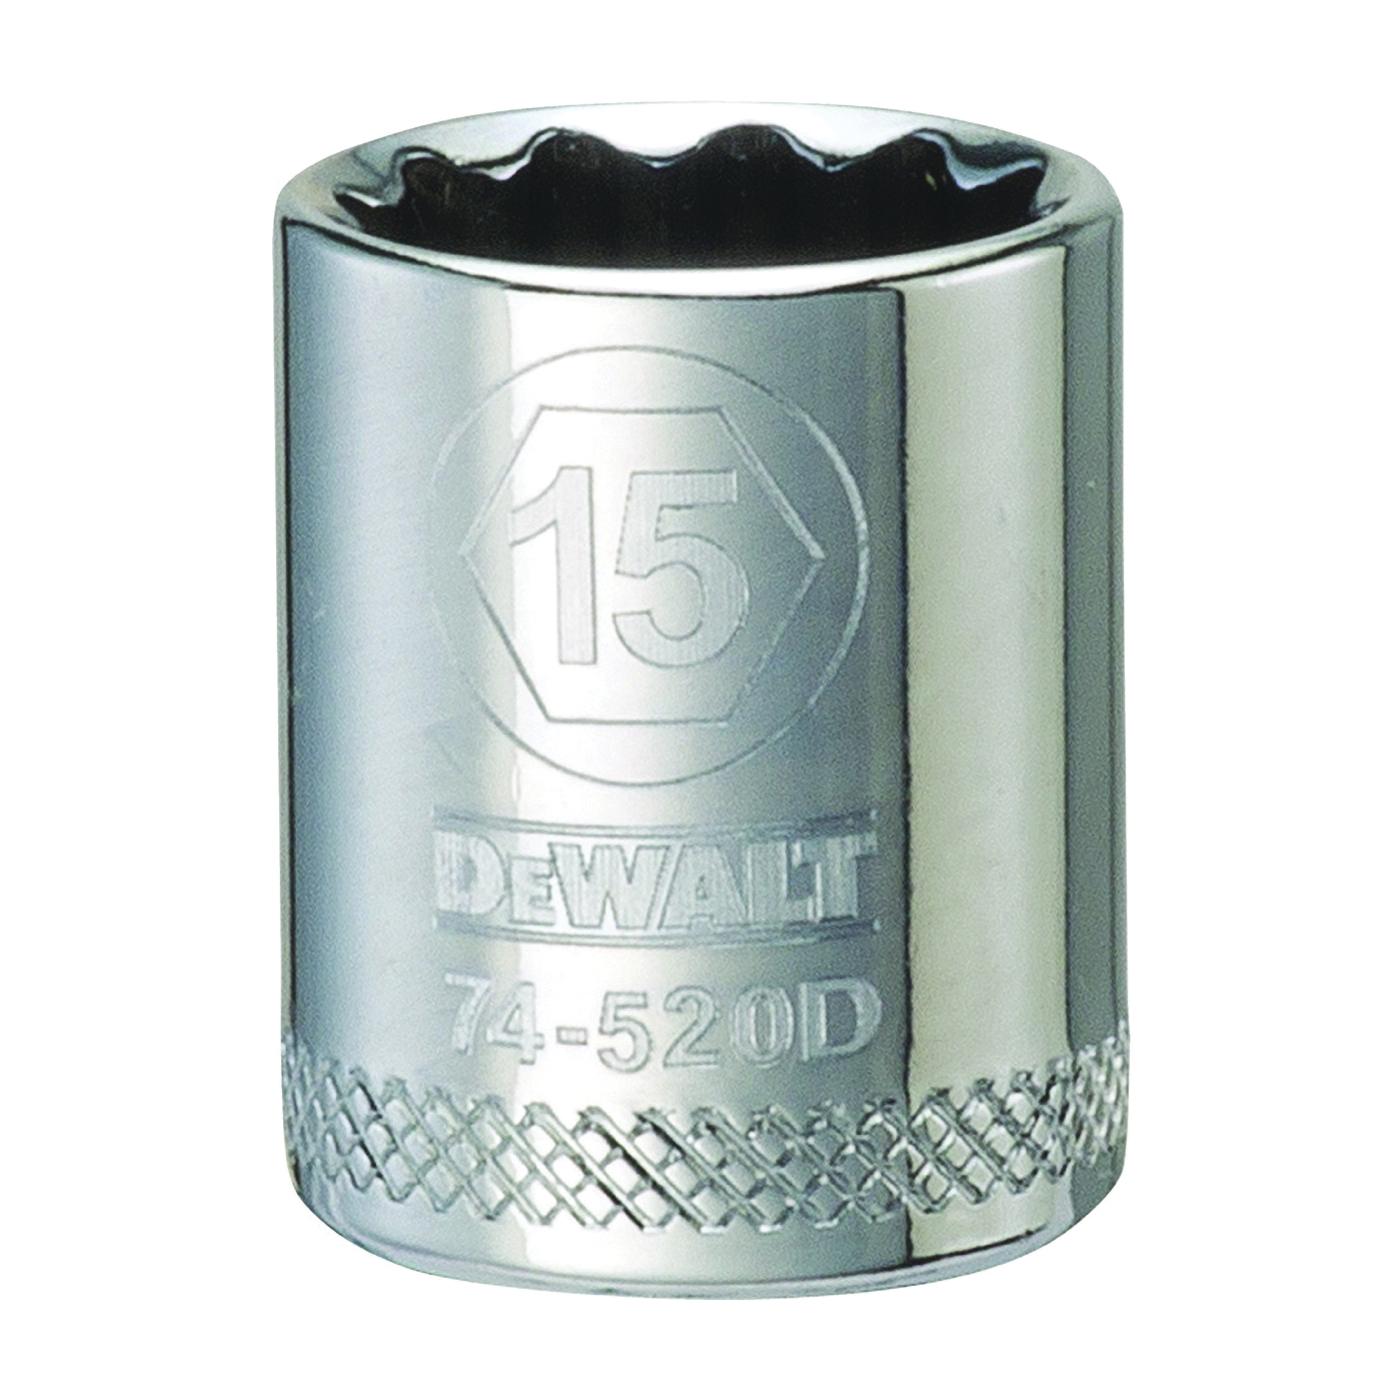 DeWalt DWMT74520OSP